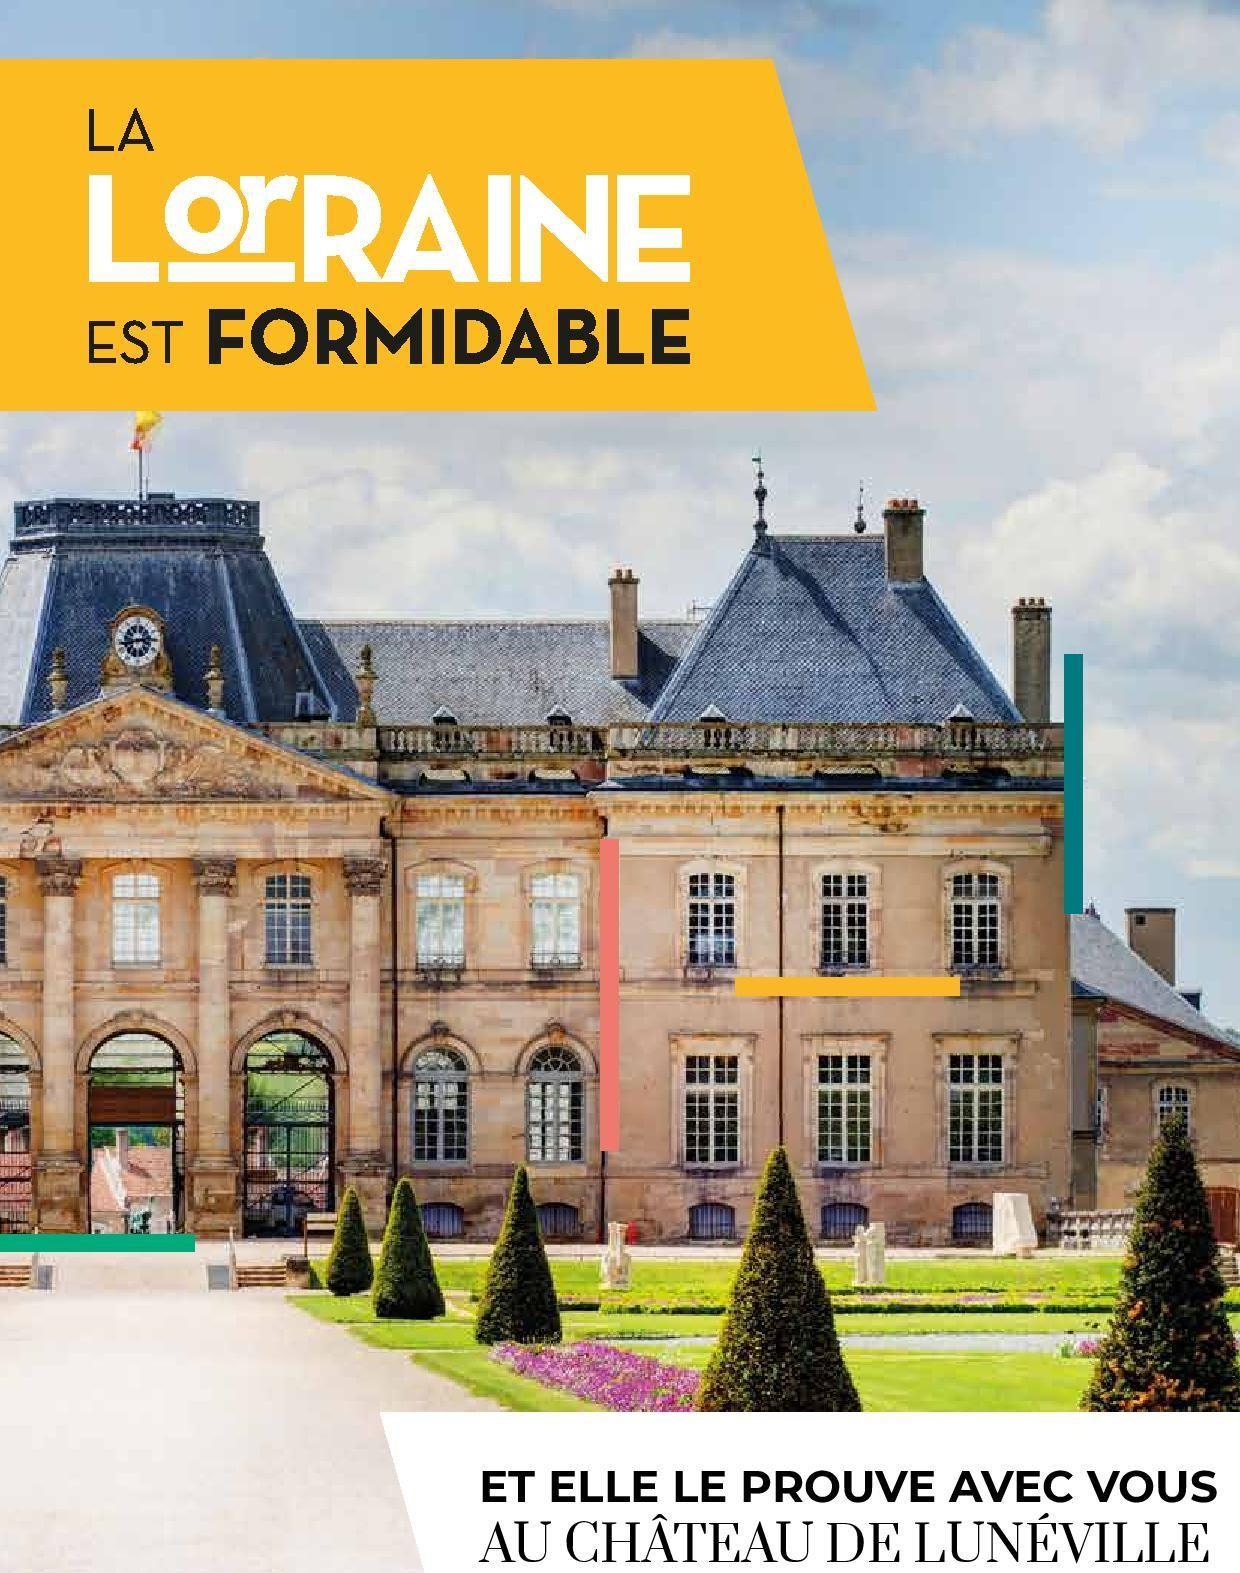 La Lorraine est formidable au Château de Lunéville les 28 et 29 Août 2021